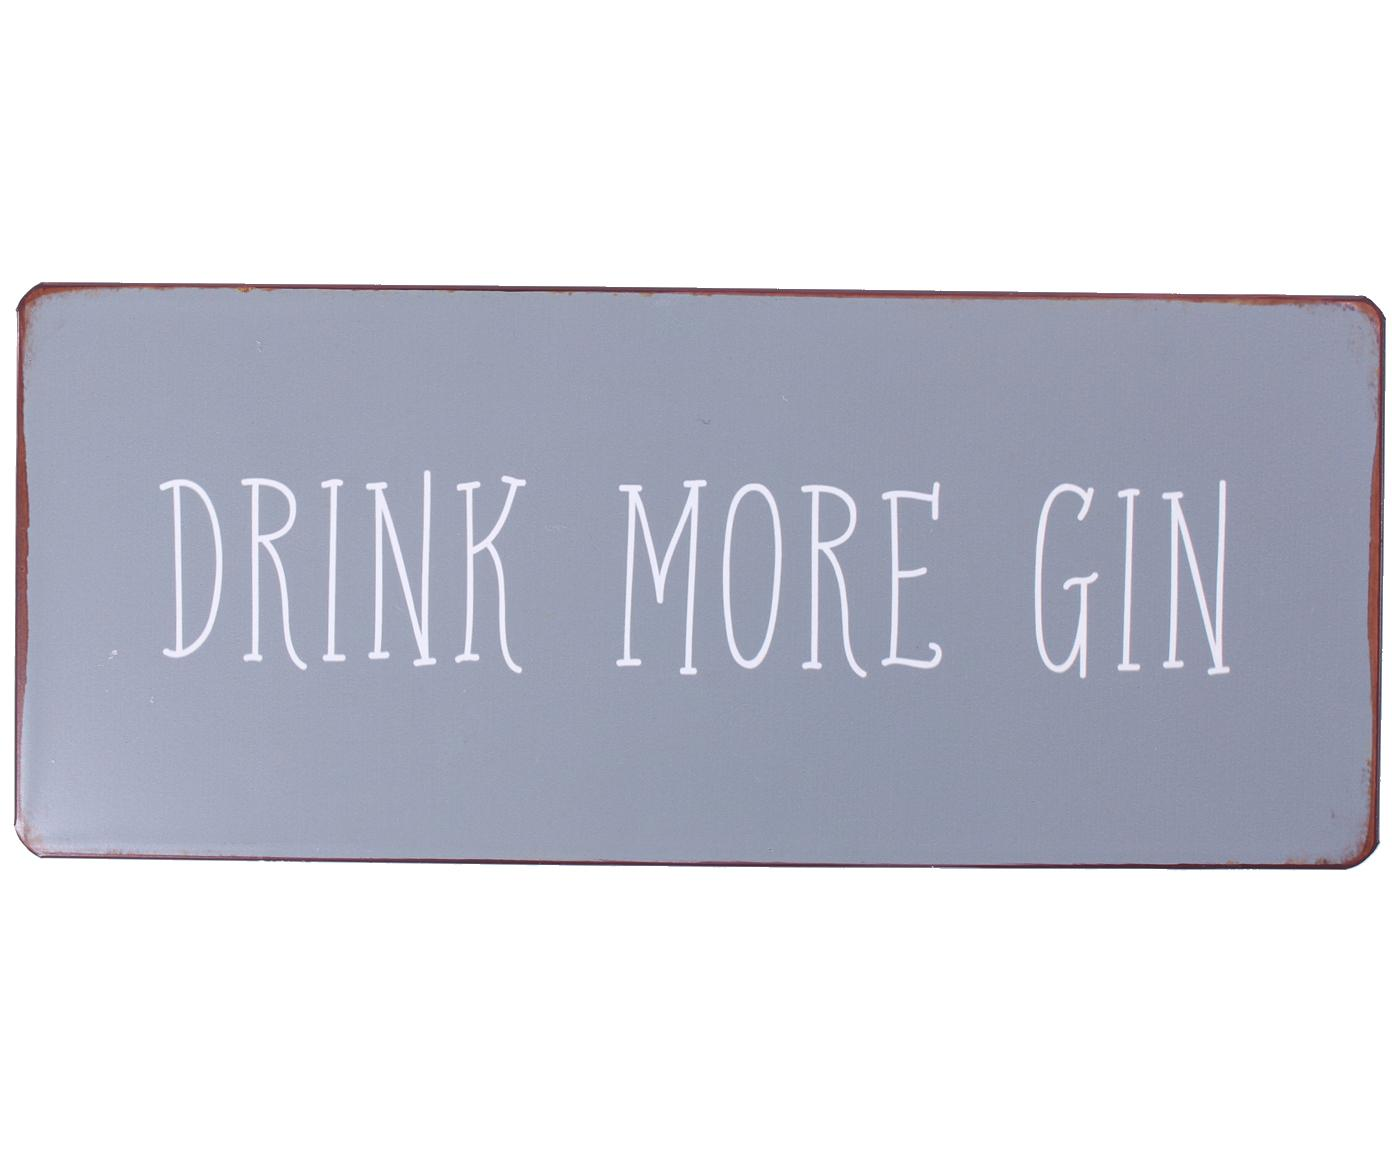 Wandschild Drink more gin, Metall, mit Motivfolie beklebt, Grau, Weiß, Rostfarben, 31 x 13 cm